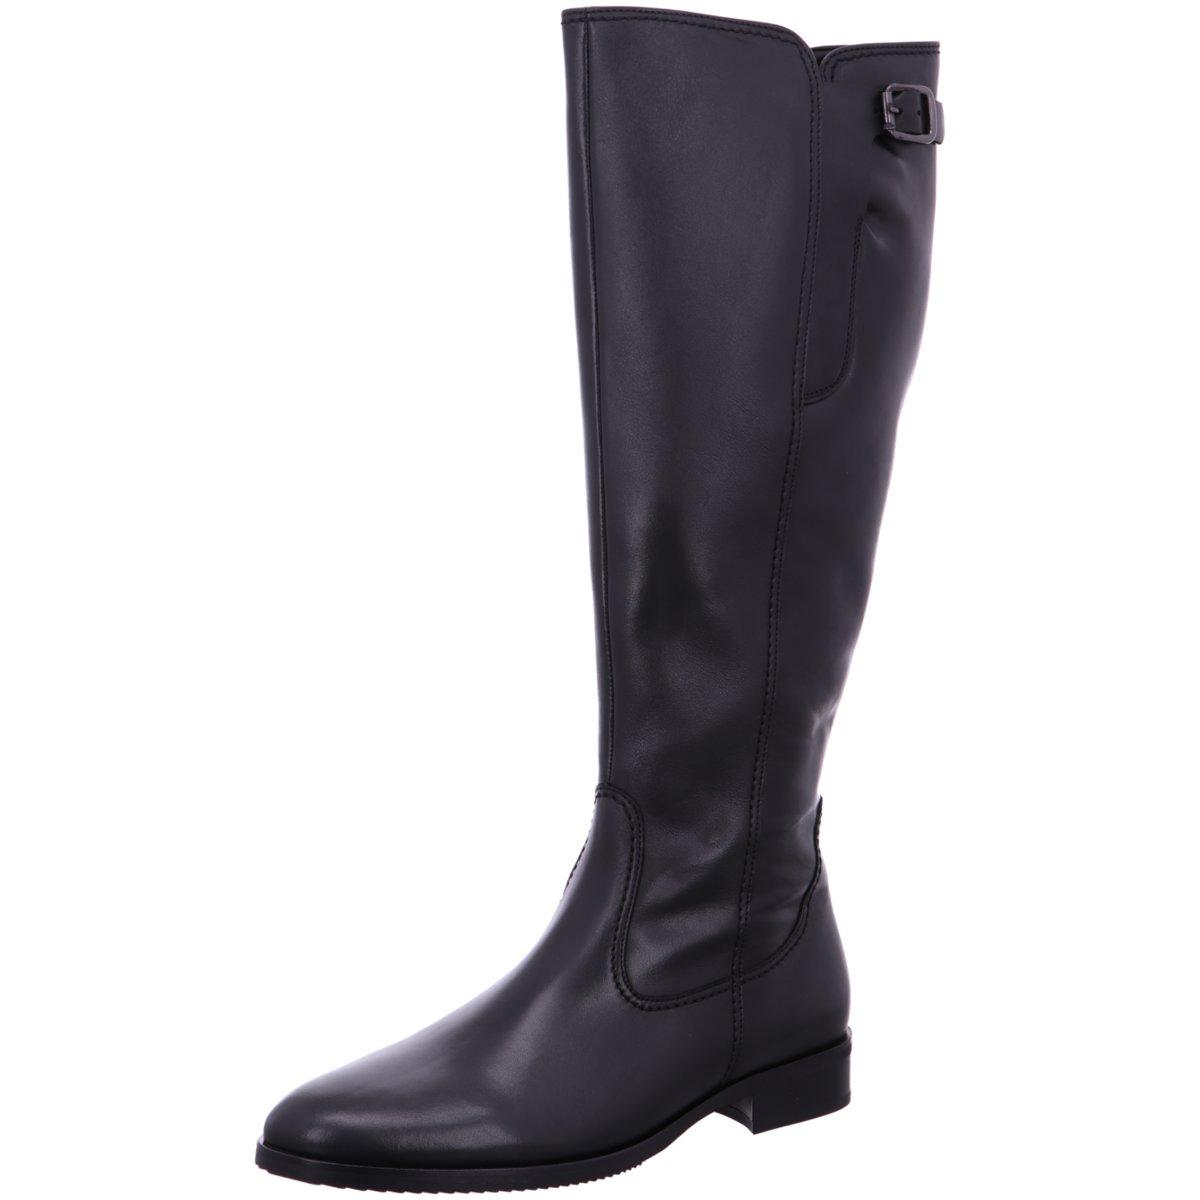 NEU Gabor Damen Stiefel Schaftweite XL Vario 72.758.57 schwarz 354291